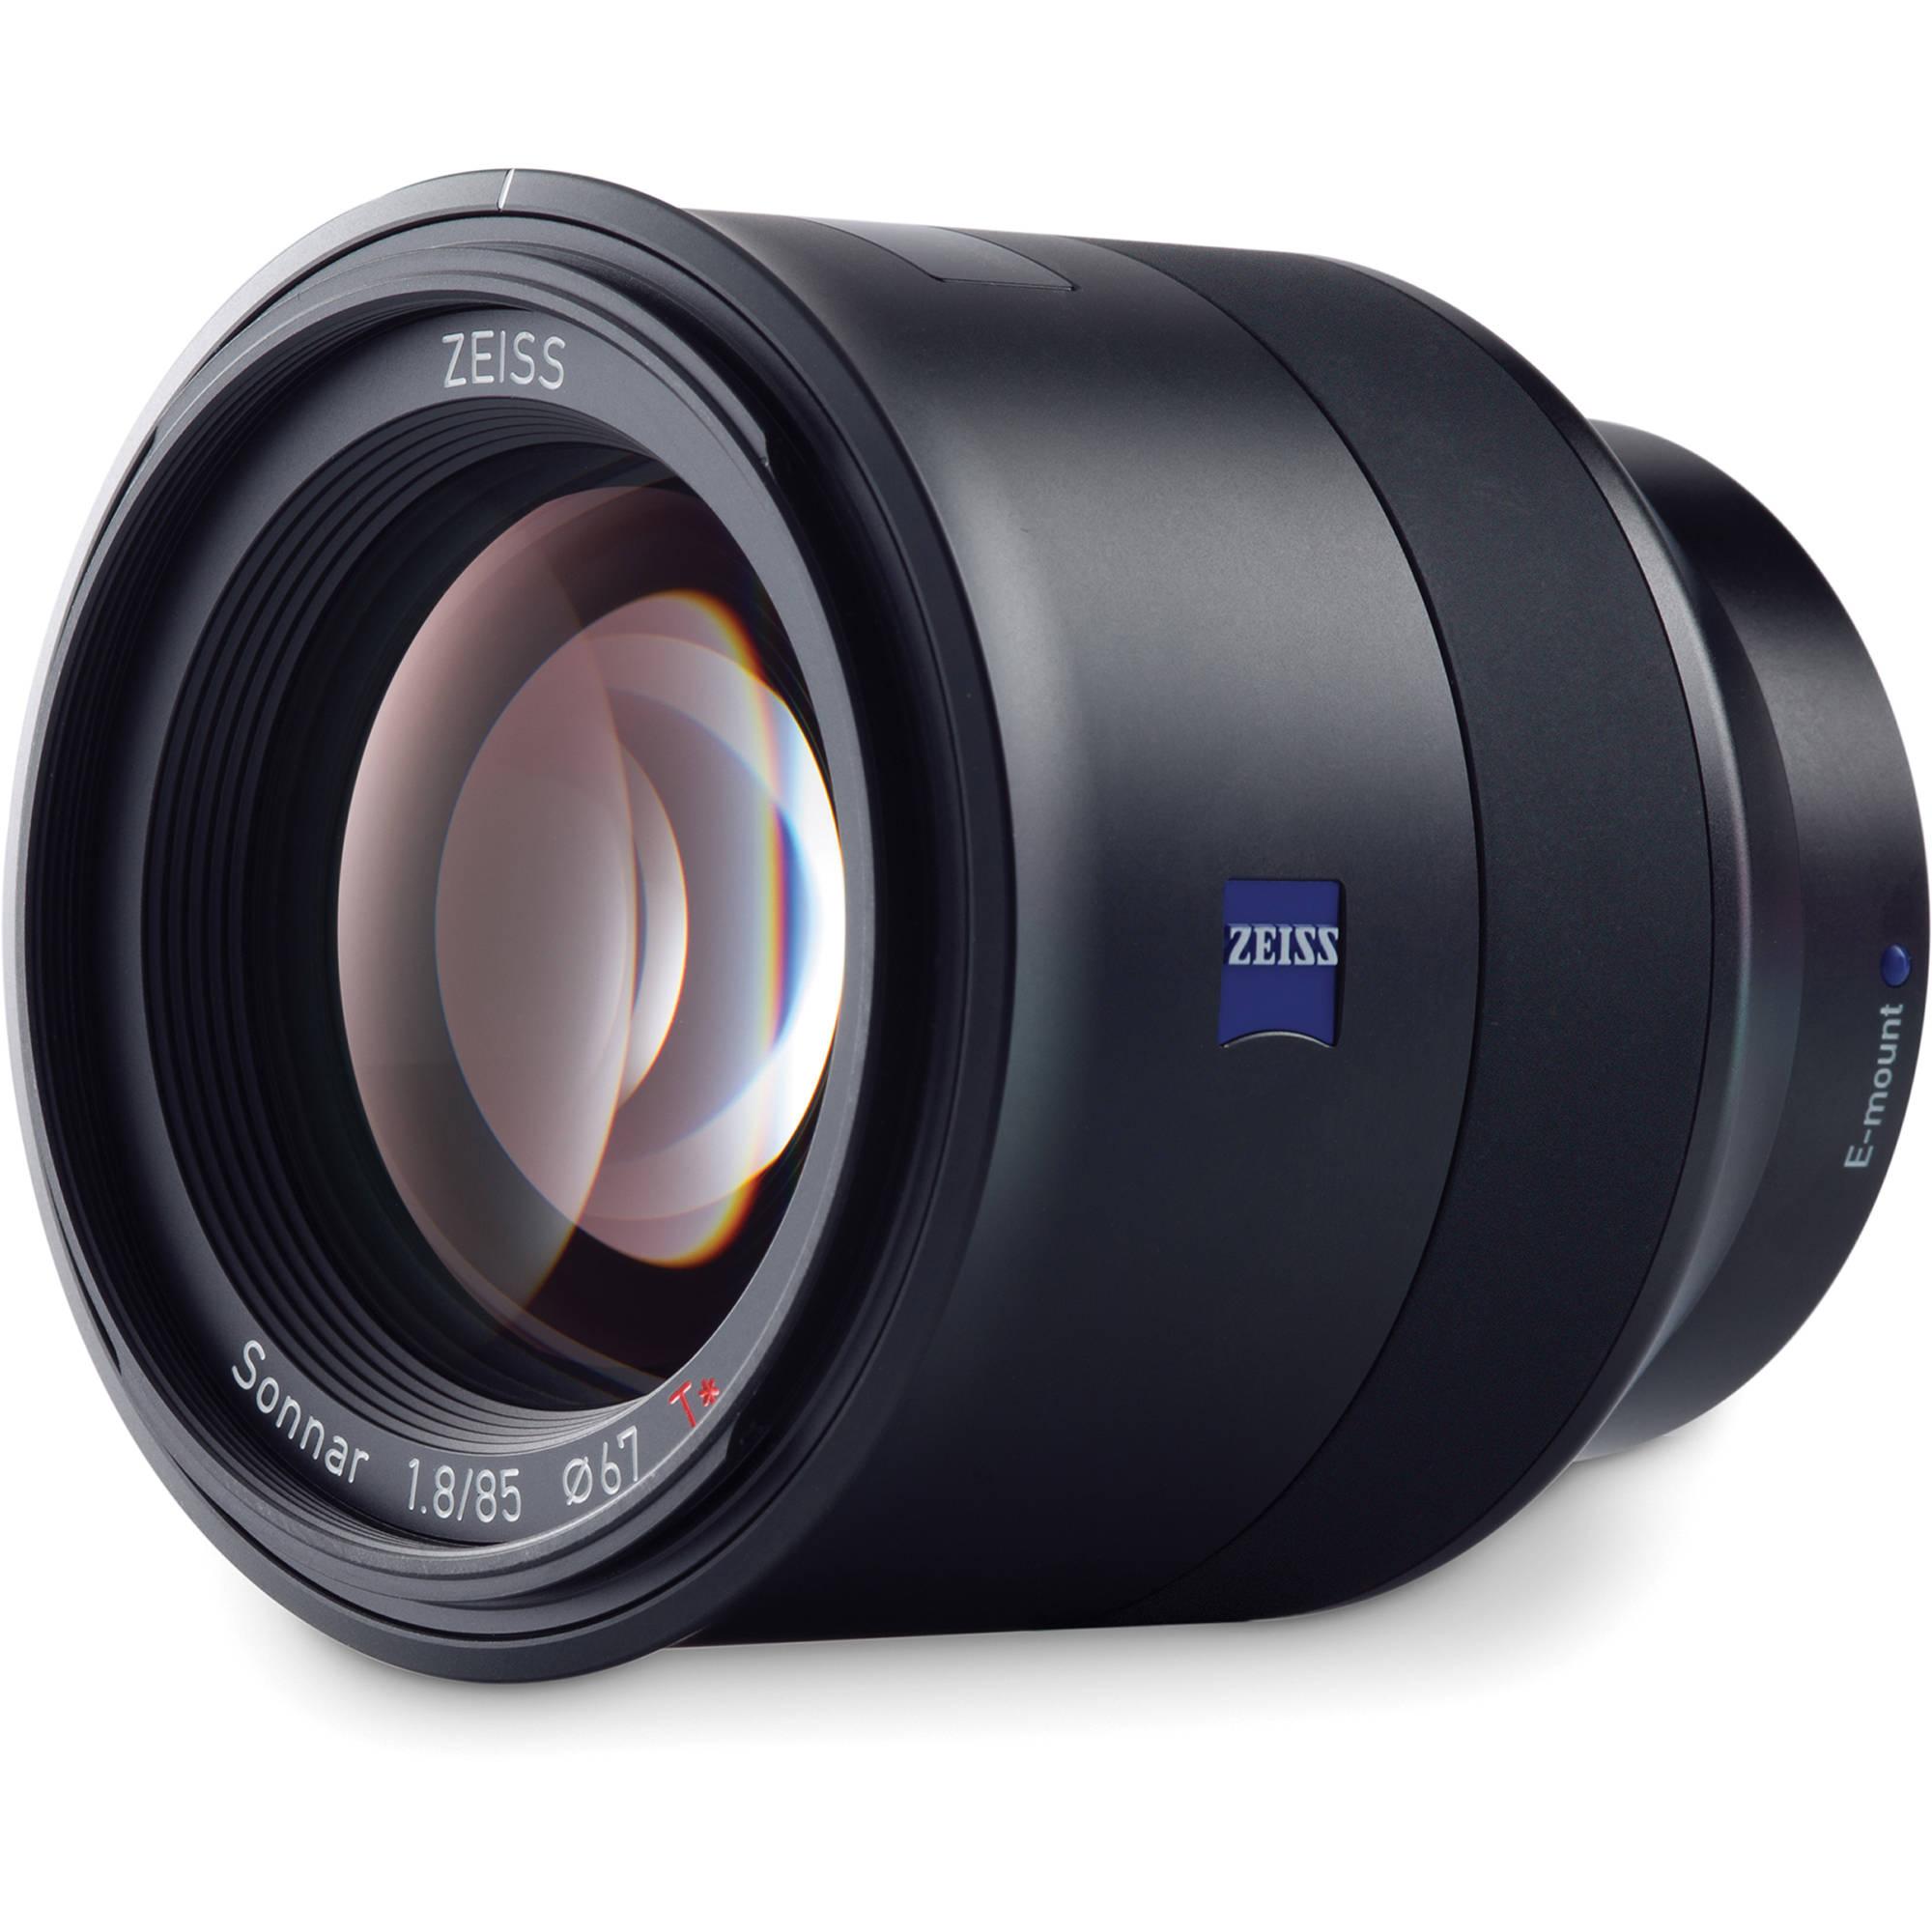 Tamron FE 85mm f/1.8 VC Lens Patent for Sony Full Frame Mirrorless ...